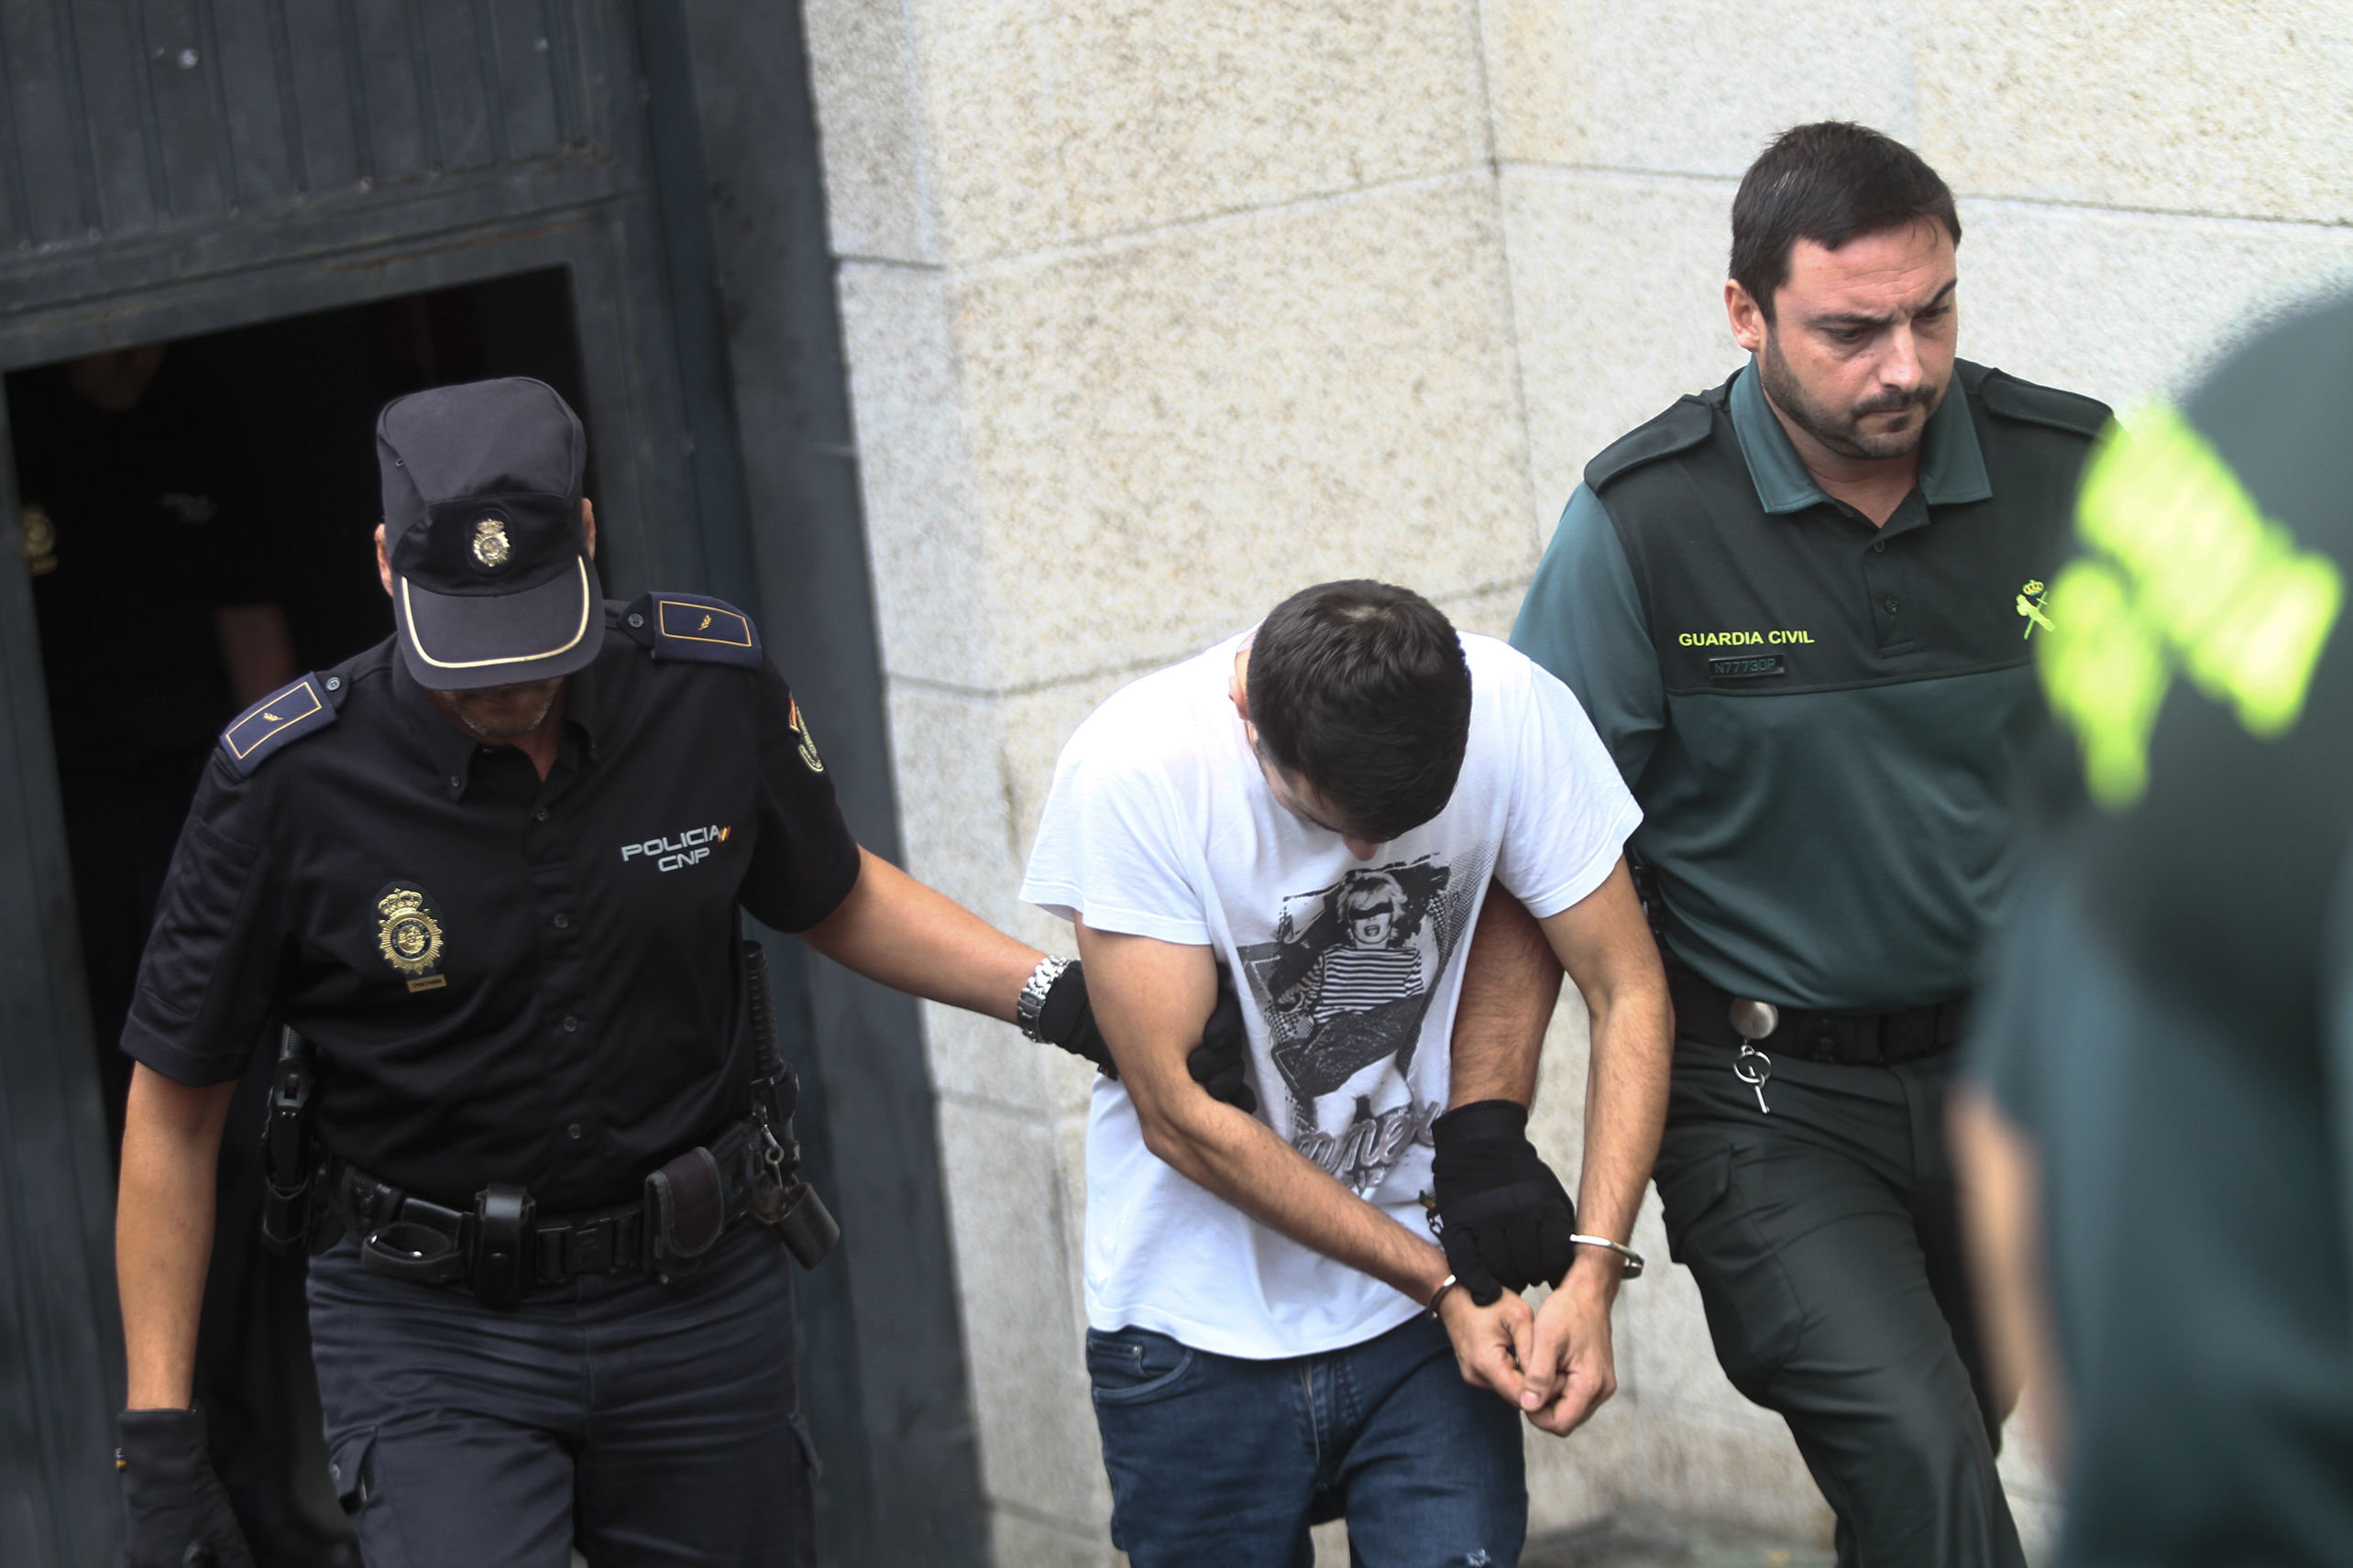 Diego P., de 31 años, uno de los siete presos preventivos del juzgado de Violencia, acusado de la muerte de Divina Mendes.